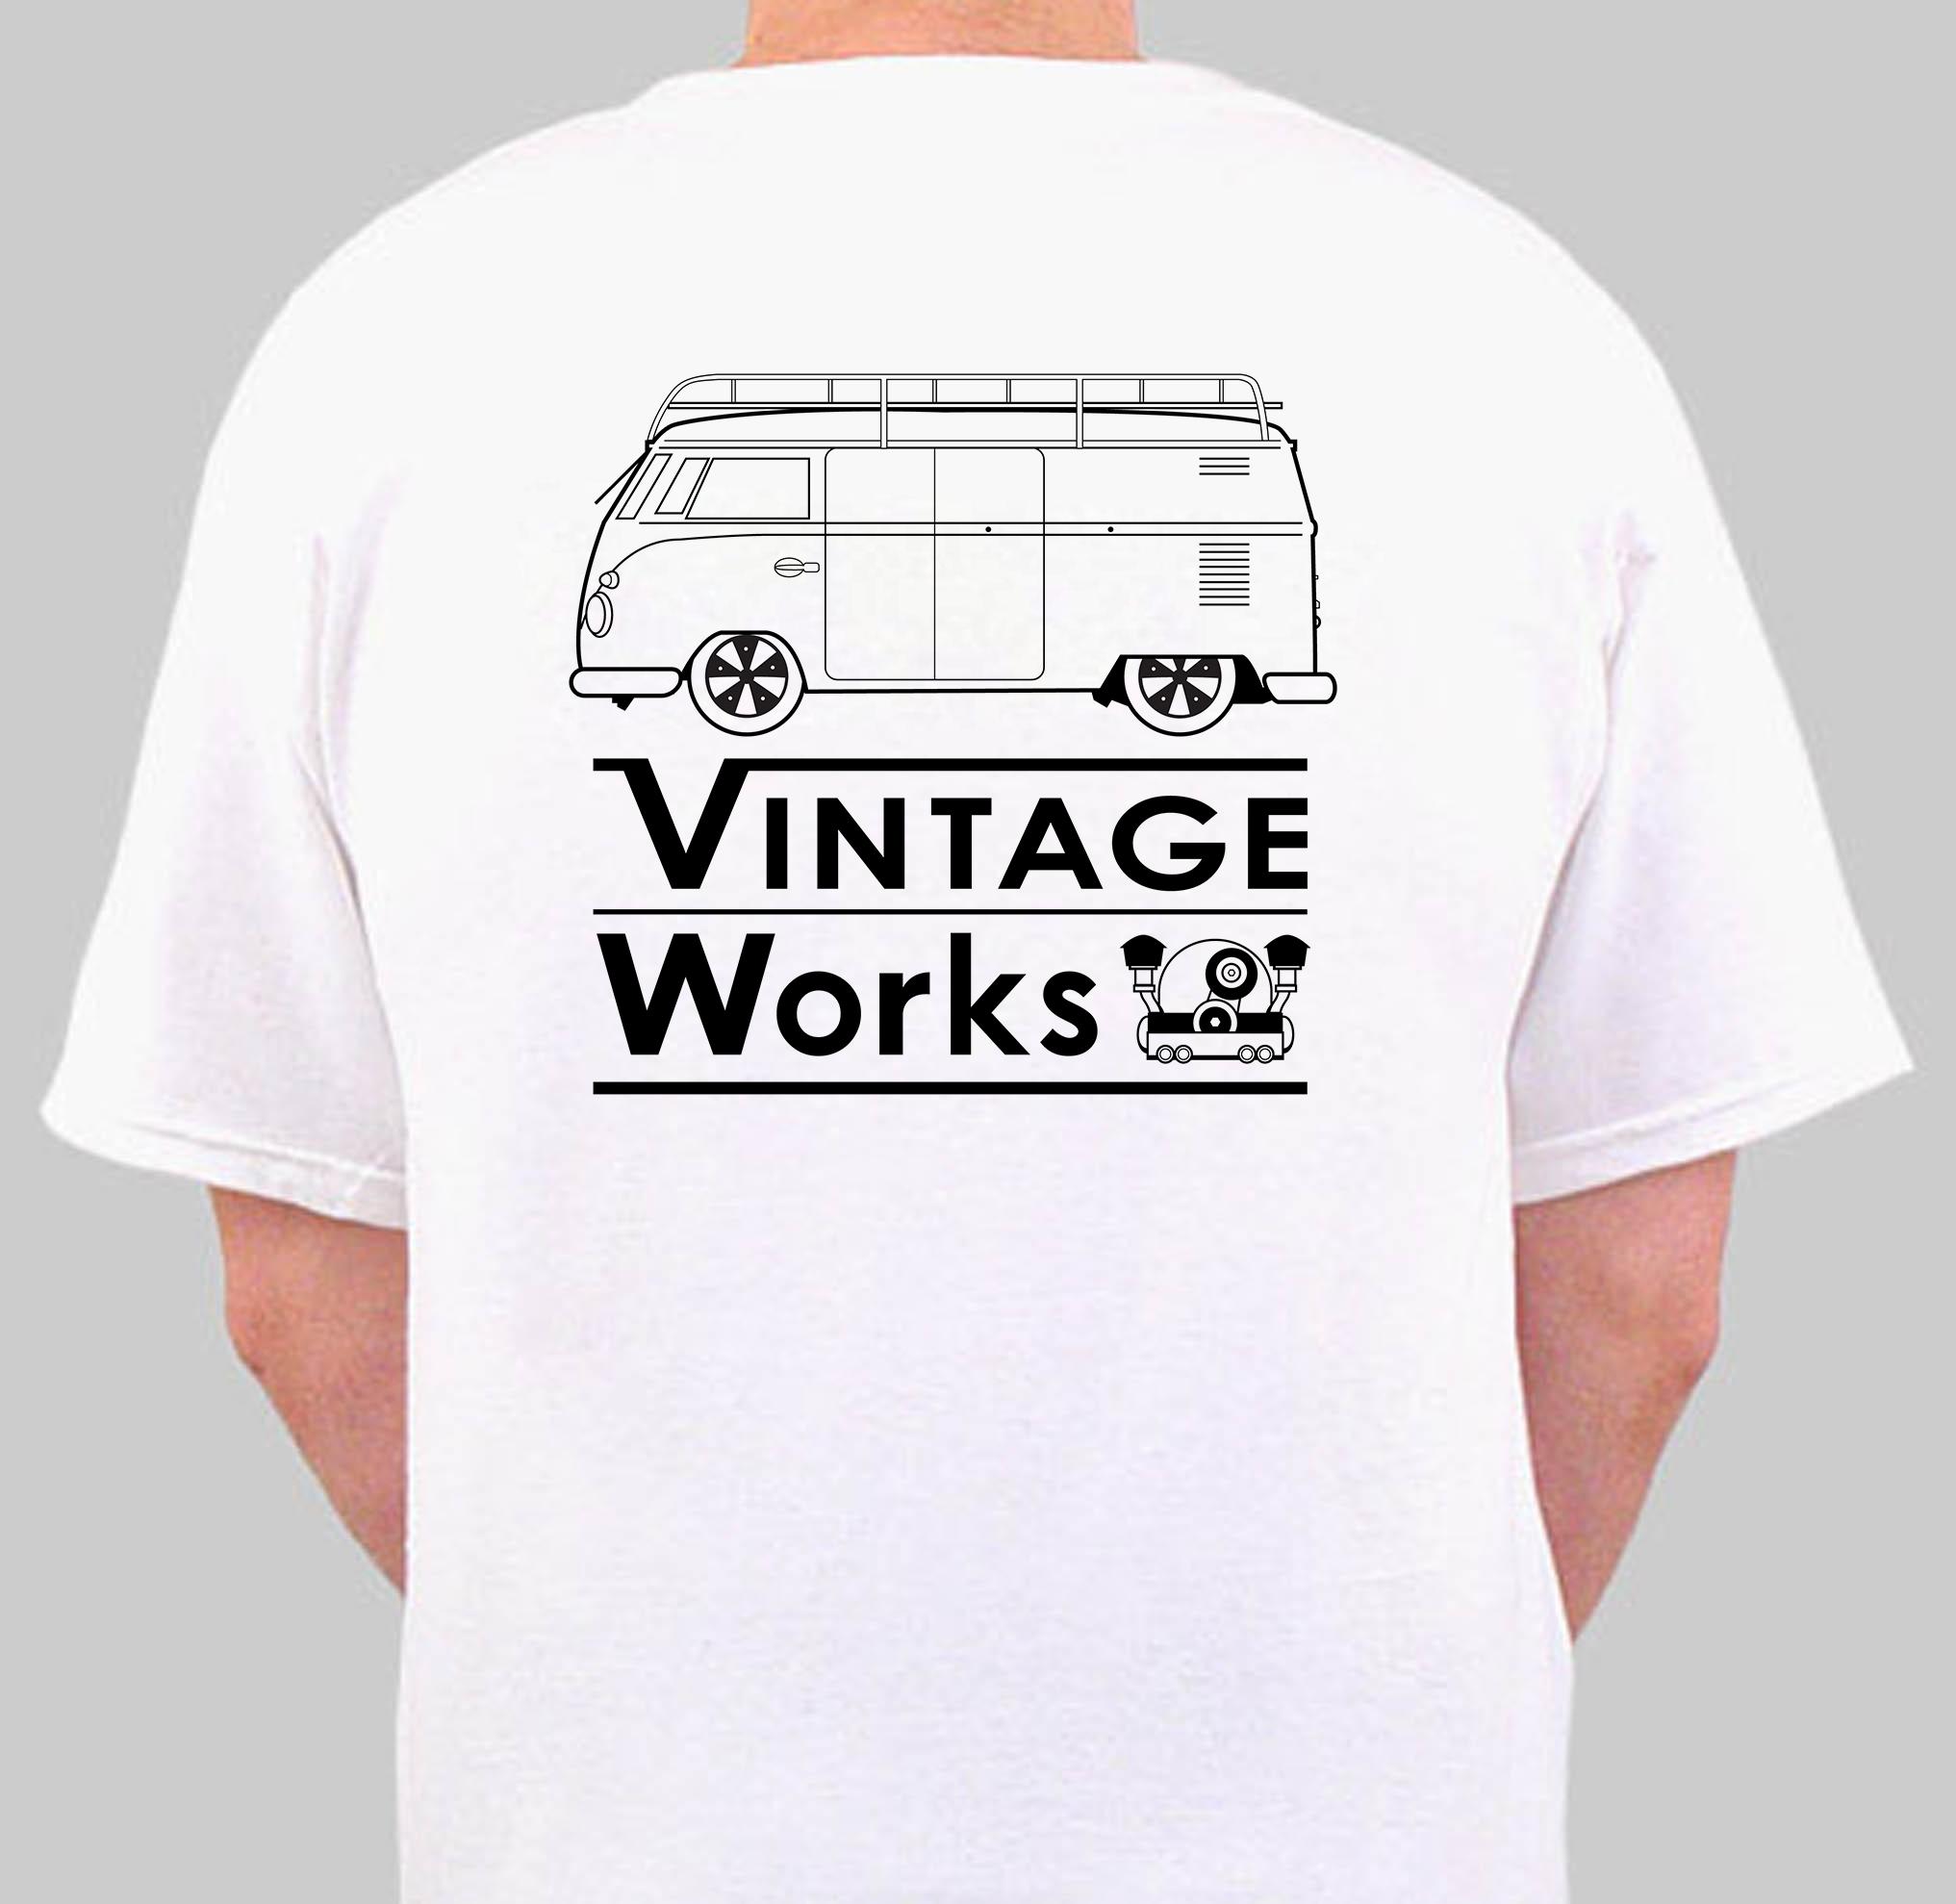 Vintage Works shirt